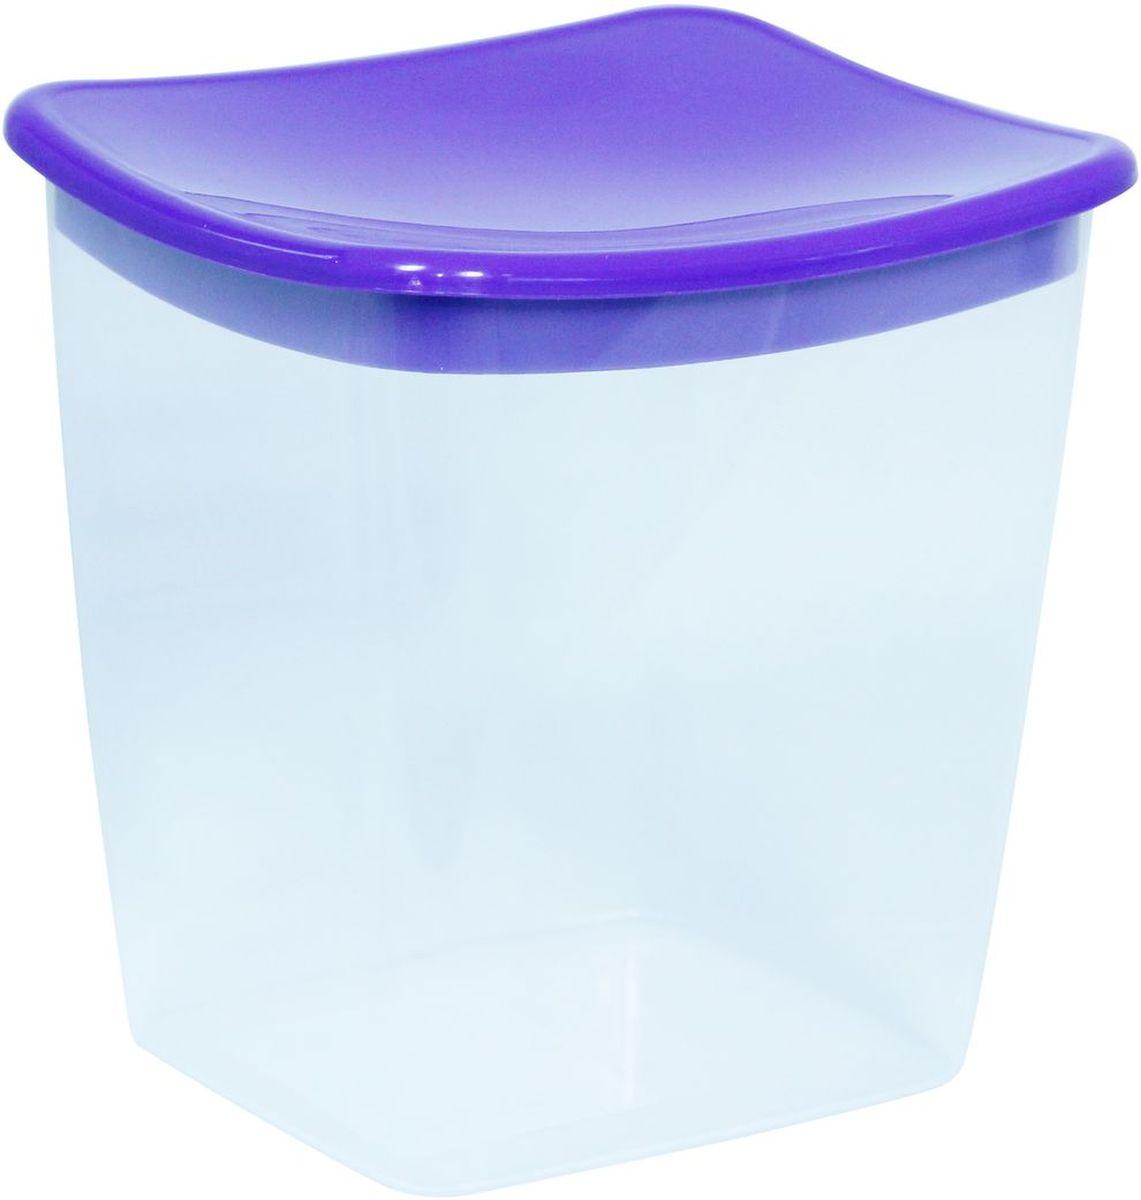 Емкость для сыпучих продуктов Idea, квадратная, цвет: фиолетовый, 1 лМ 1223Емкость Idea выполнена из пищевого полипропилена и предназначена для хранения сыпучих продуктов. Не содержит Бисфенол A. Изделие оснащено плотно закрывающейся крышкой, благодаря которой продукты дольше остаются свежими.